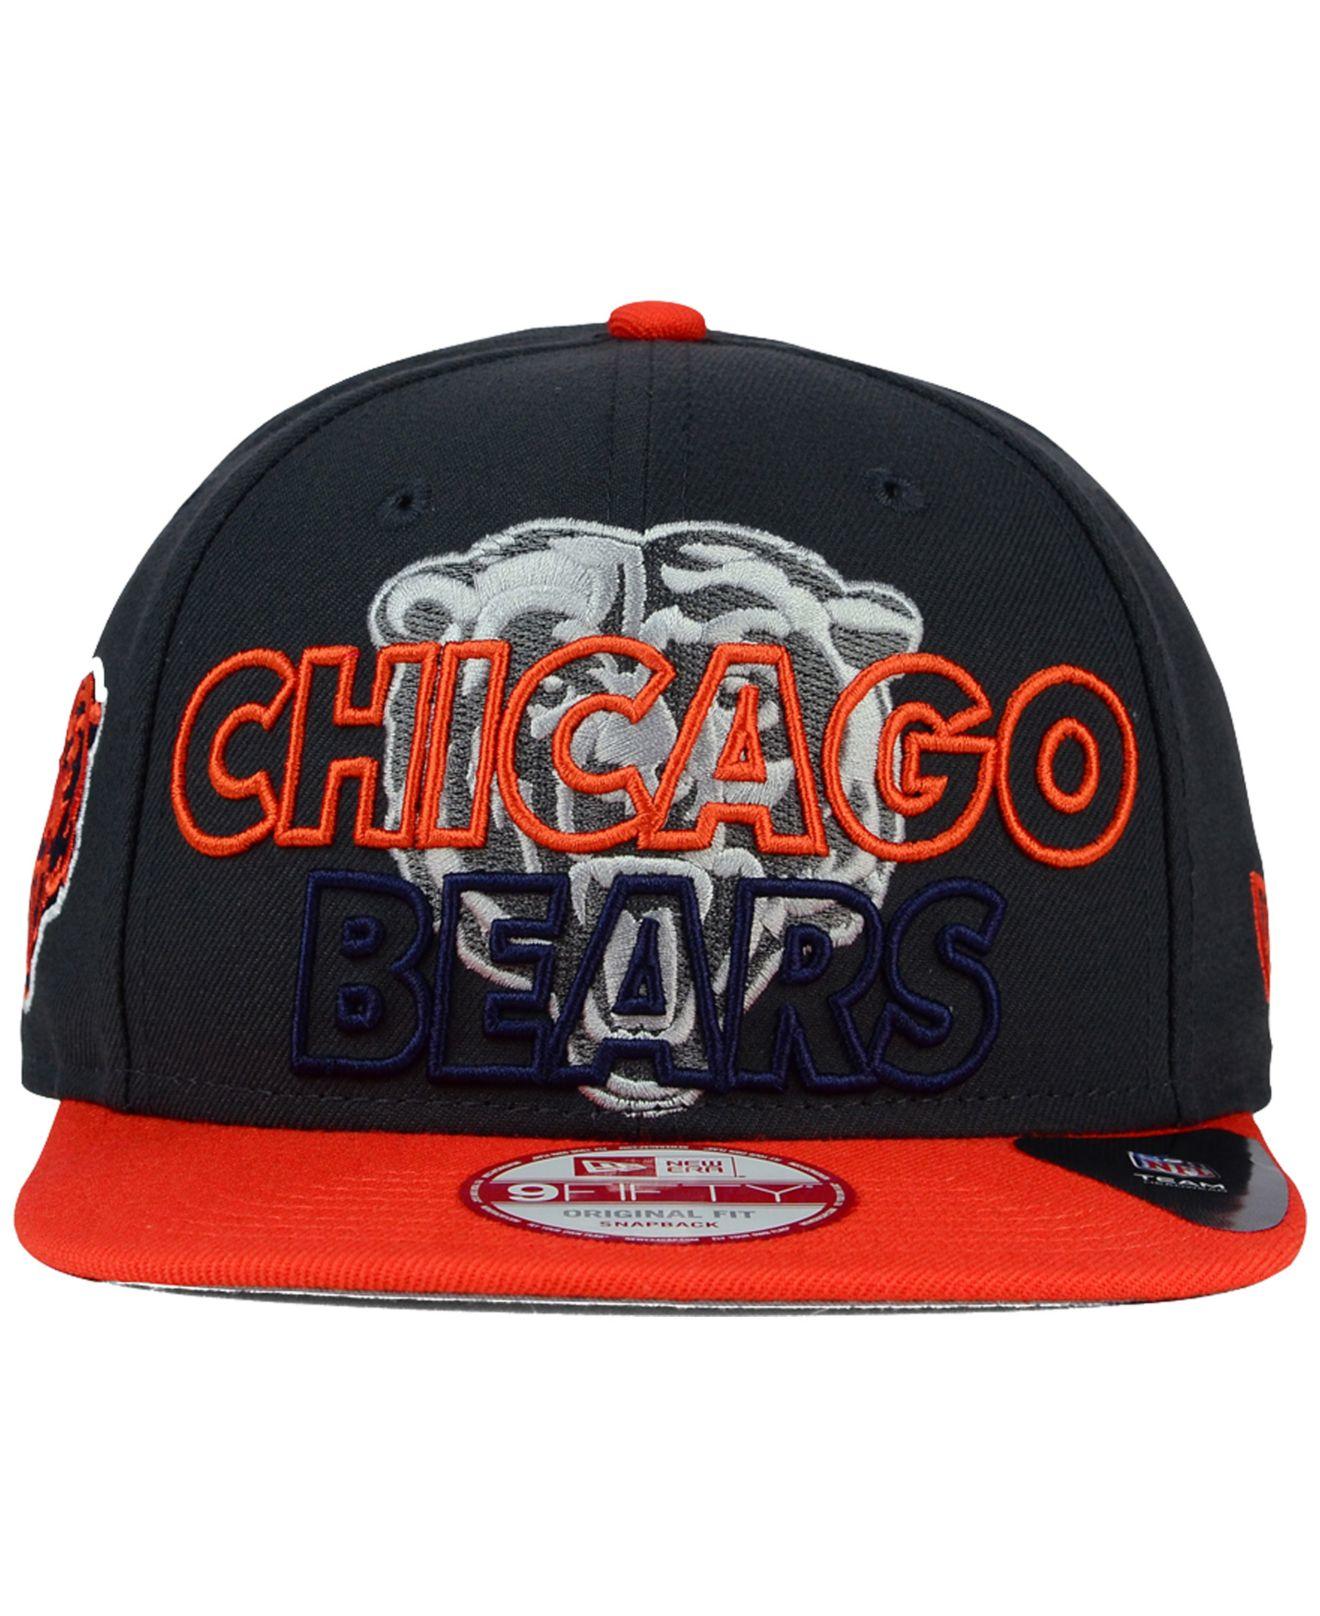 9e8d783965d sale lyst ktz chicago bears graph outline 9fifty snapback cap in orange  4dff4 8650c